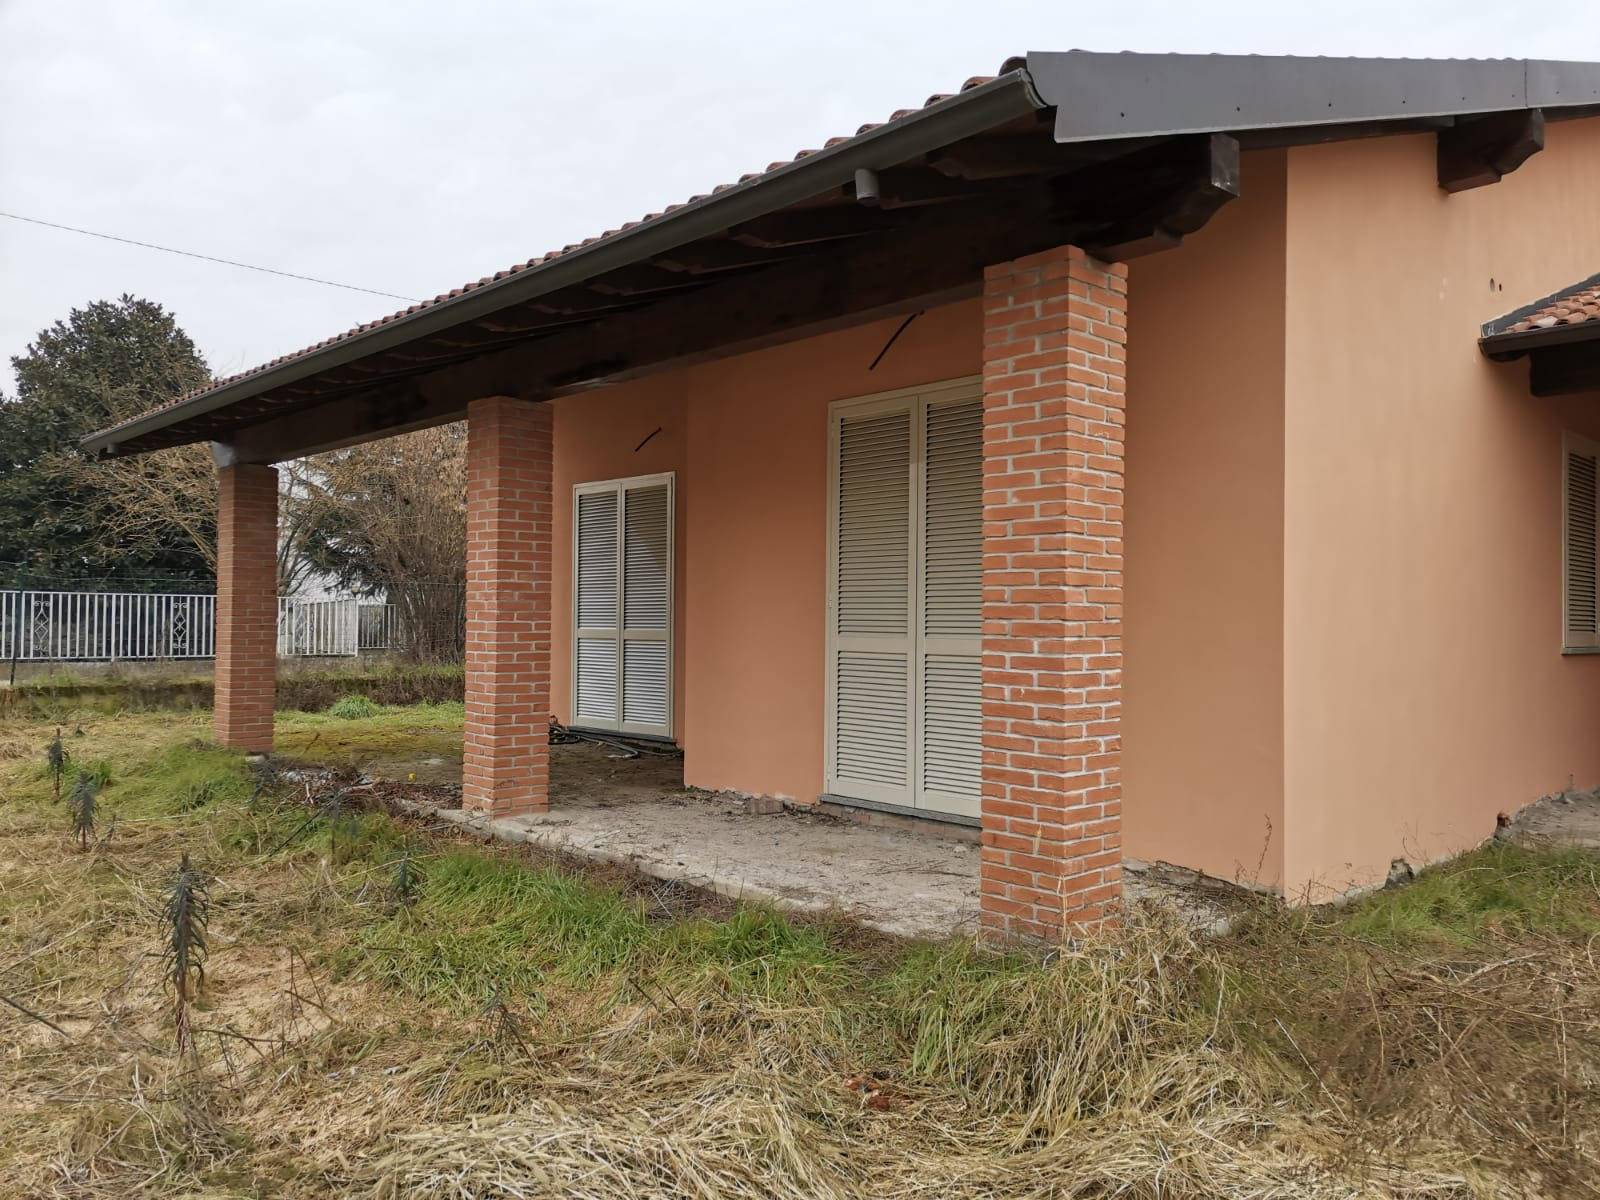 Villa in vendita a Valle Lomellina, 3 locali, prezzo € 75.000 | CambioCasa.it